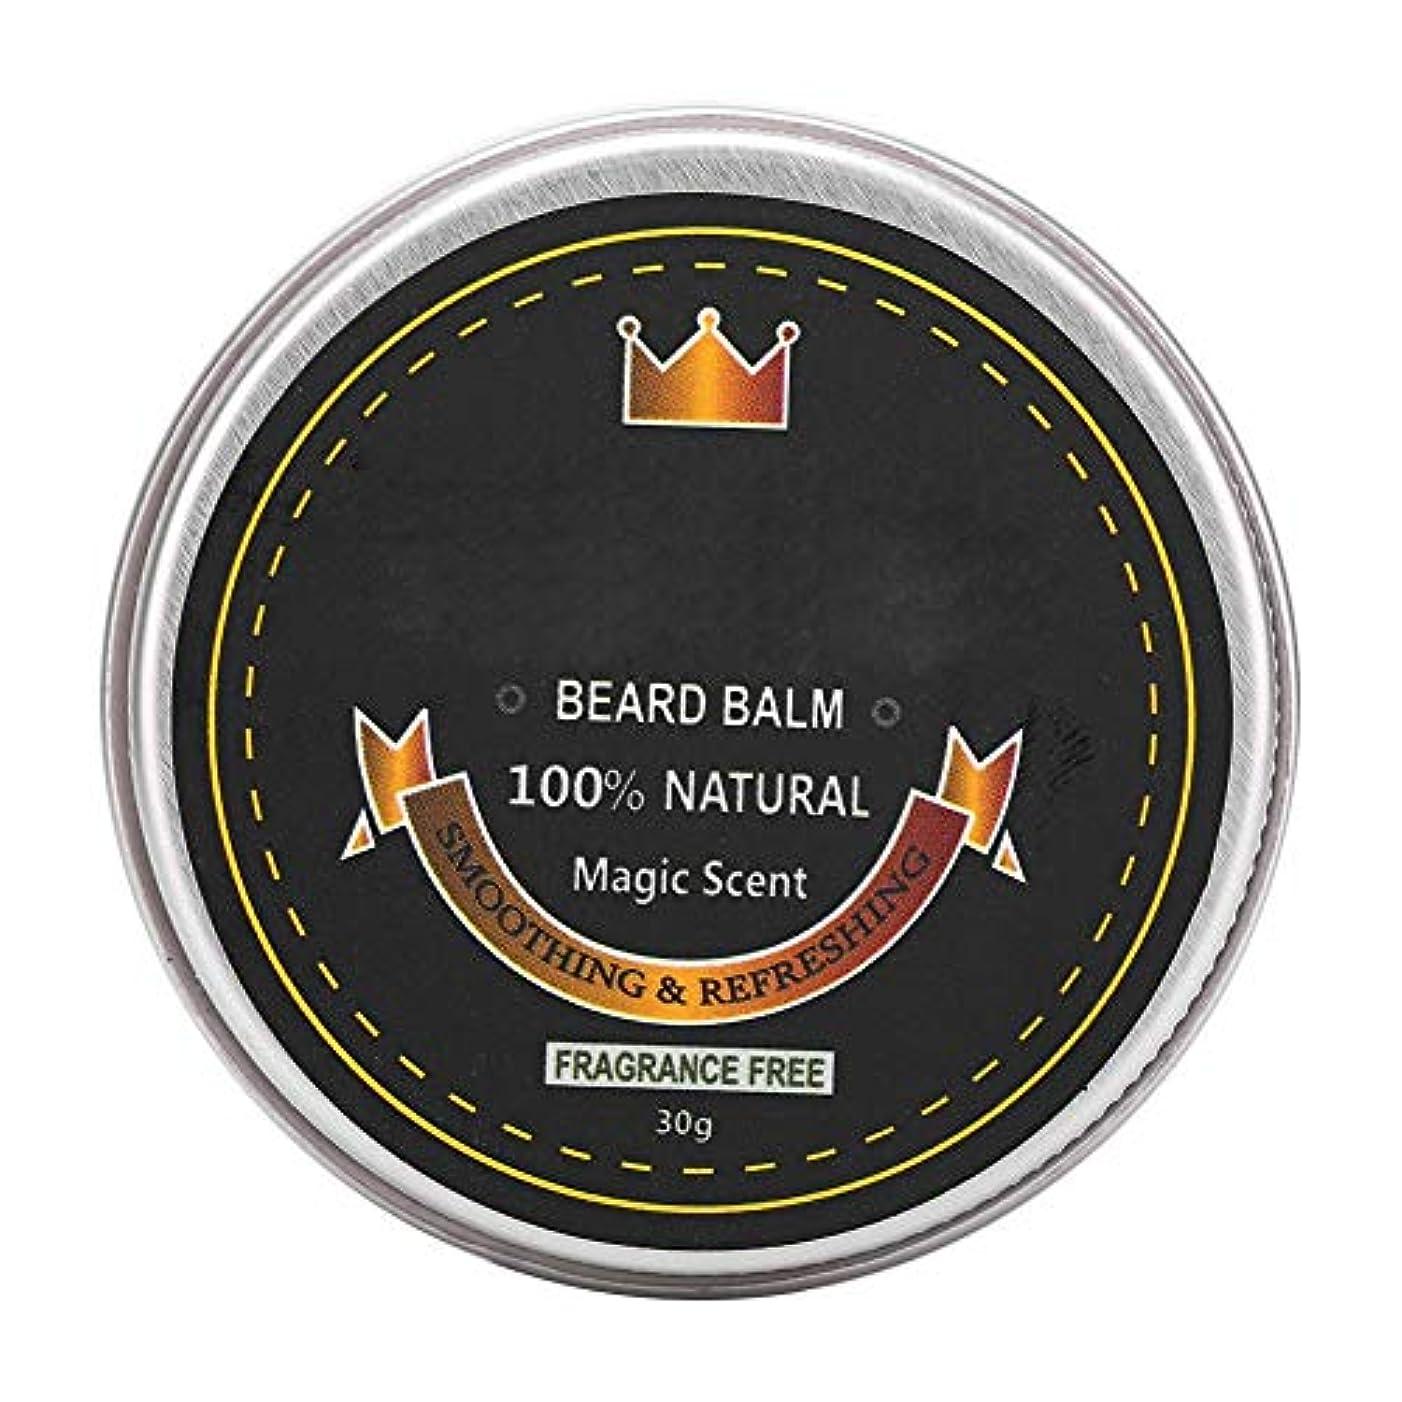 教えるサイクロプスひげバームコンディショナー、ひげケアグルーミングバーム、ひげを強くし、柔らかくするための口ひげ保湿スムージングワックス30g (1#)